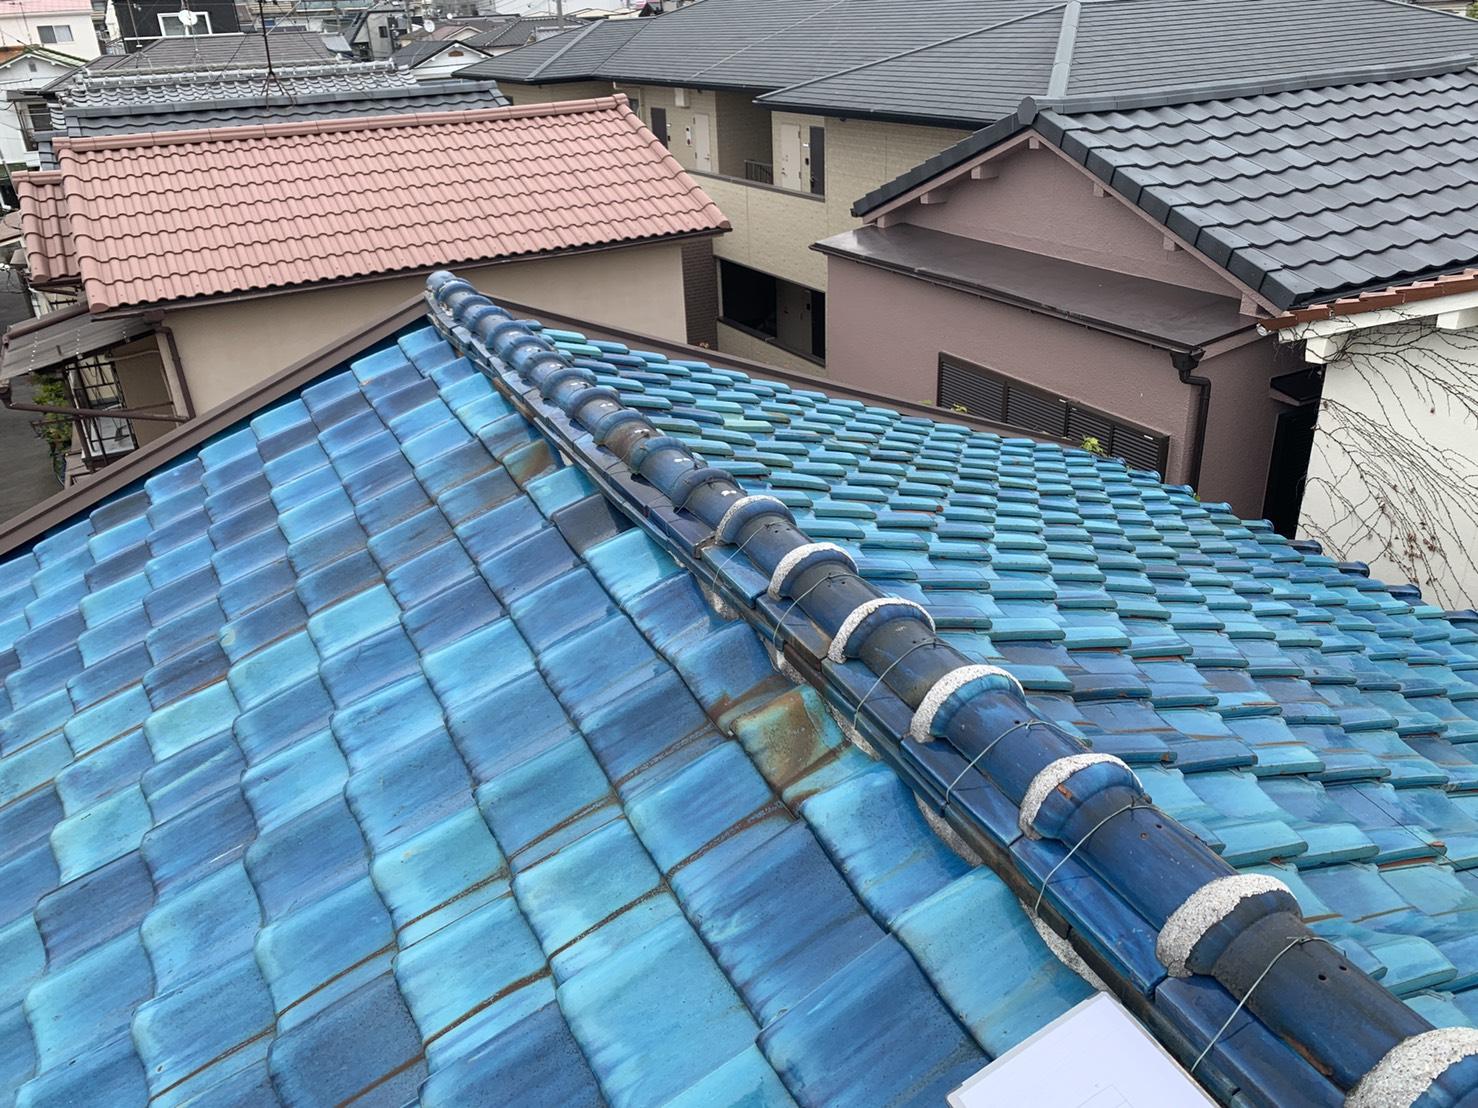 明石市で外装リフォームのお見積もりを行った瓦屋根の様子